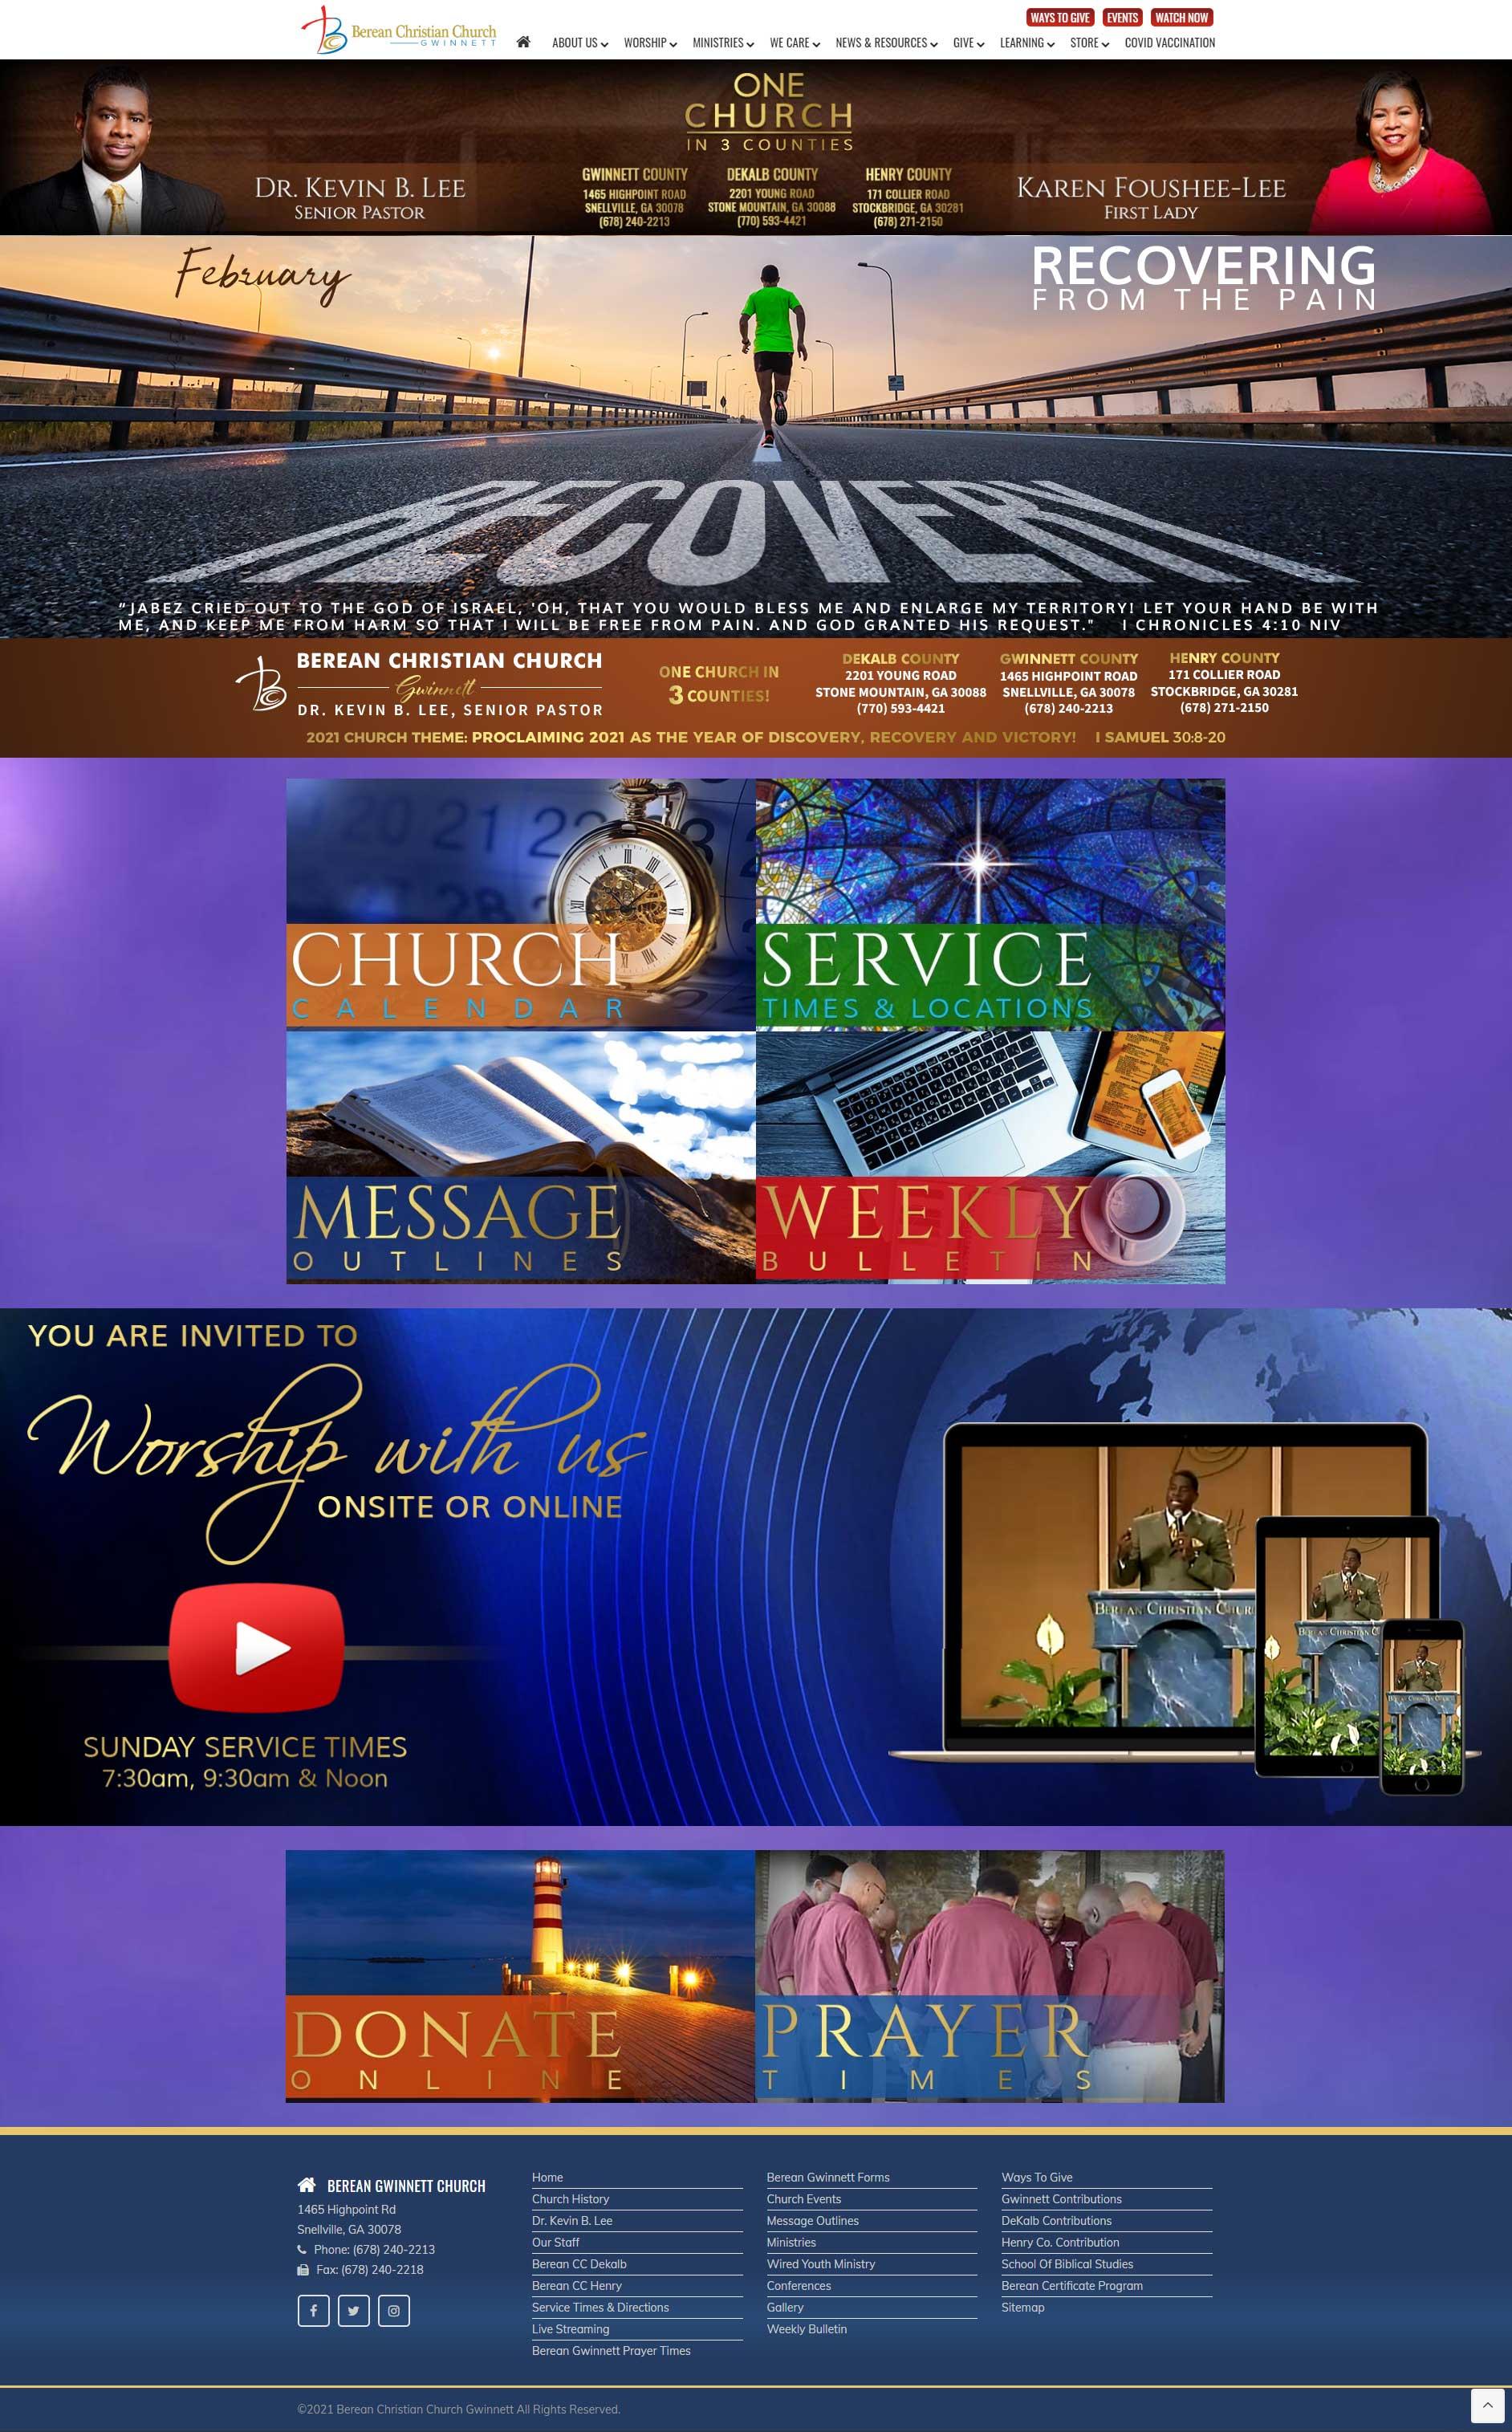 Berean Gwinnett Church Website Design